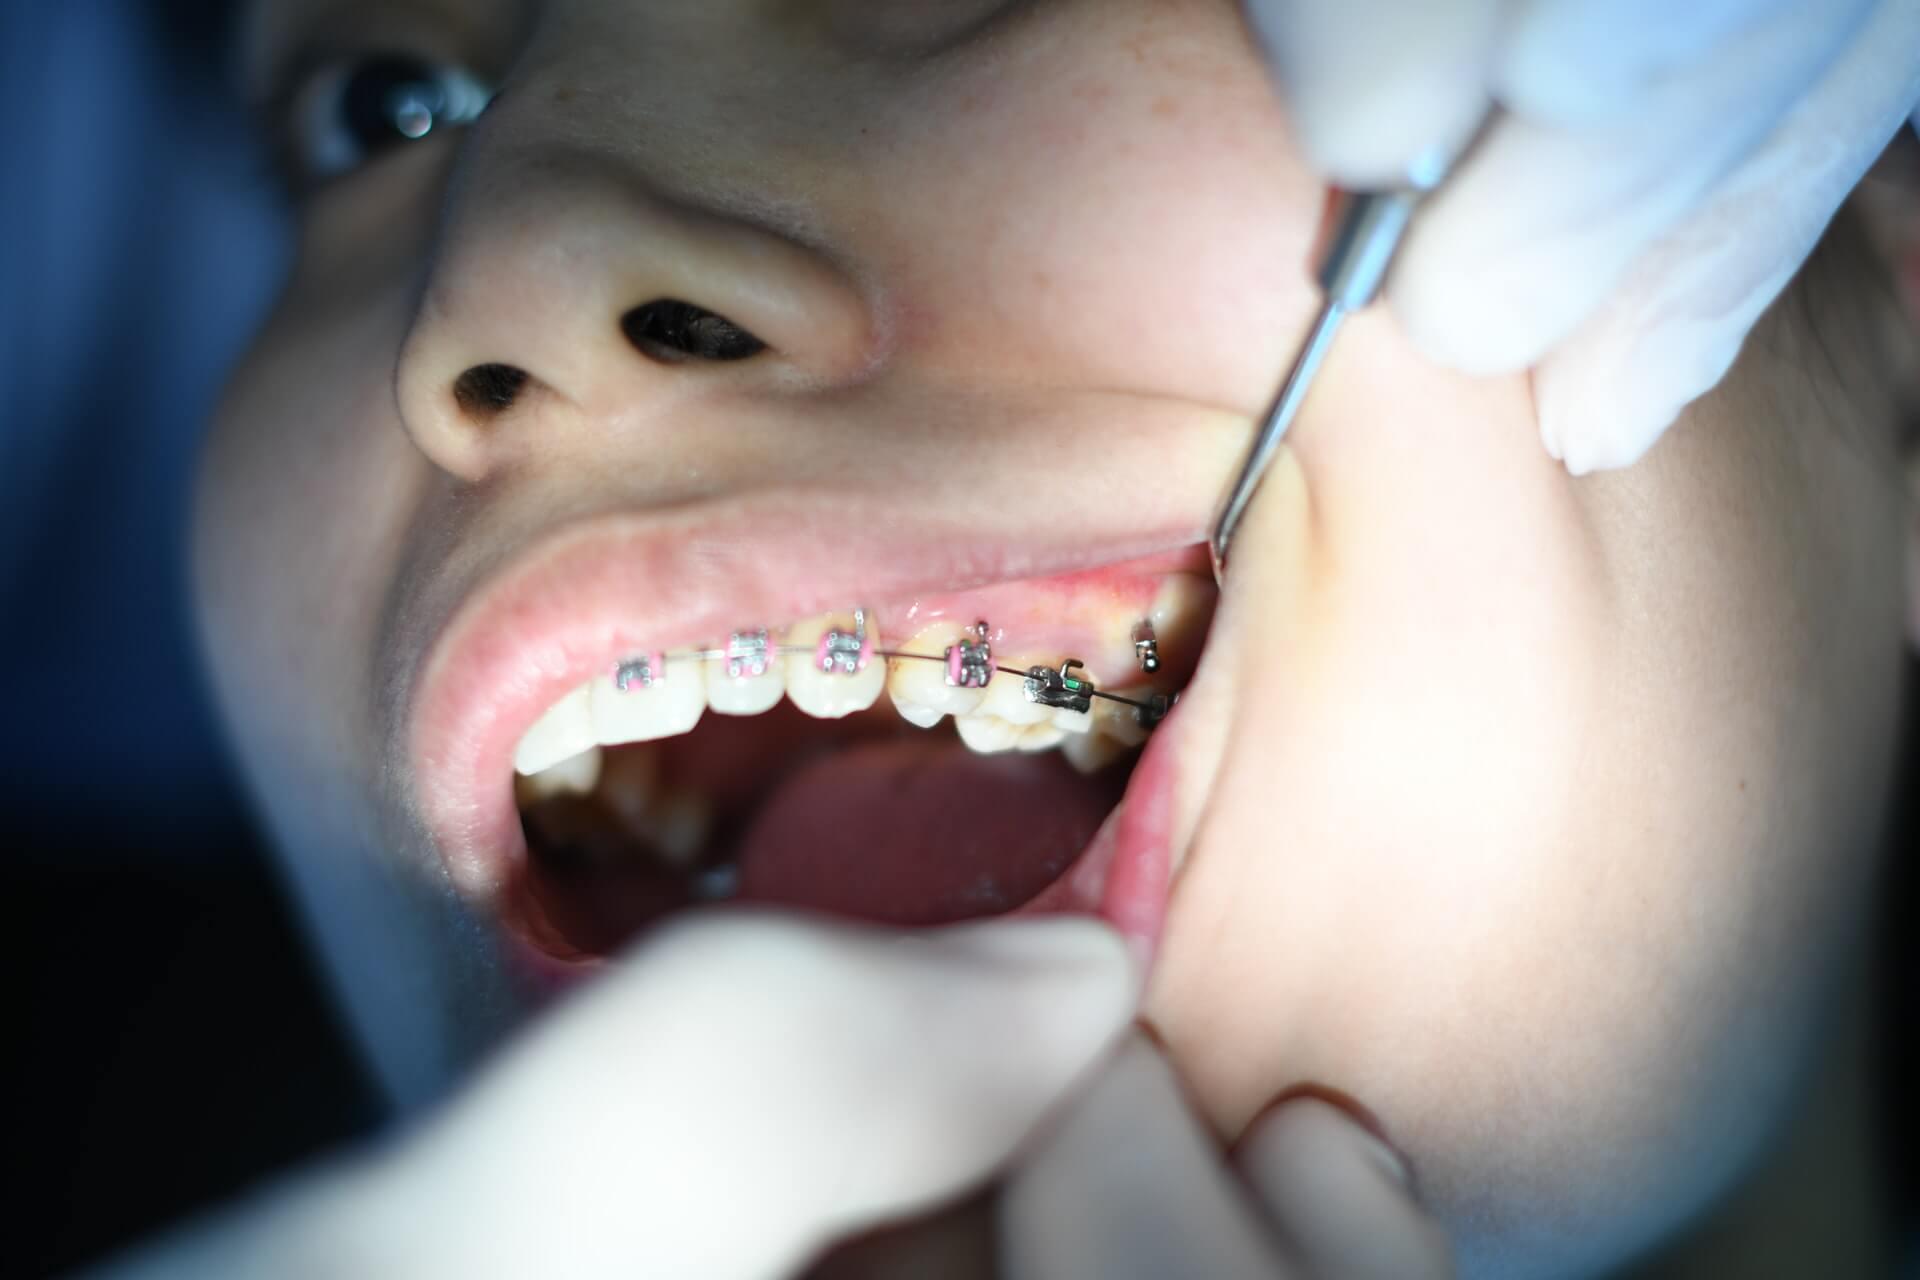 Zahnspange Schmerzen bild 1